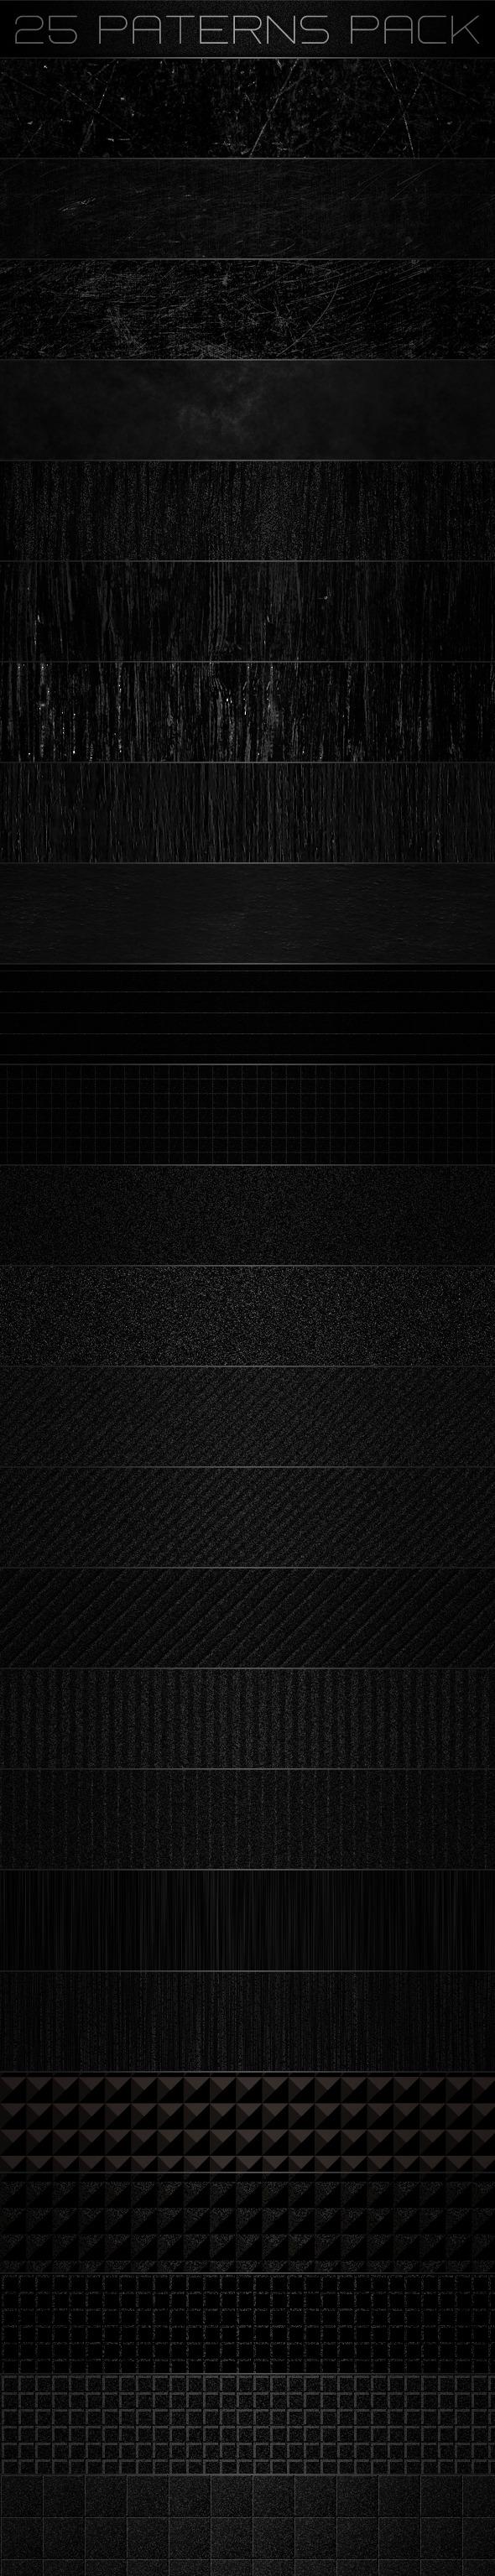 Dark Patterns - Urban Textures / Fills / Patterns